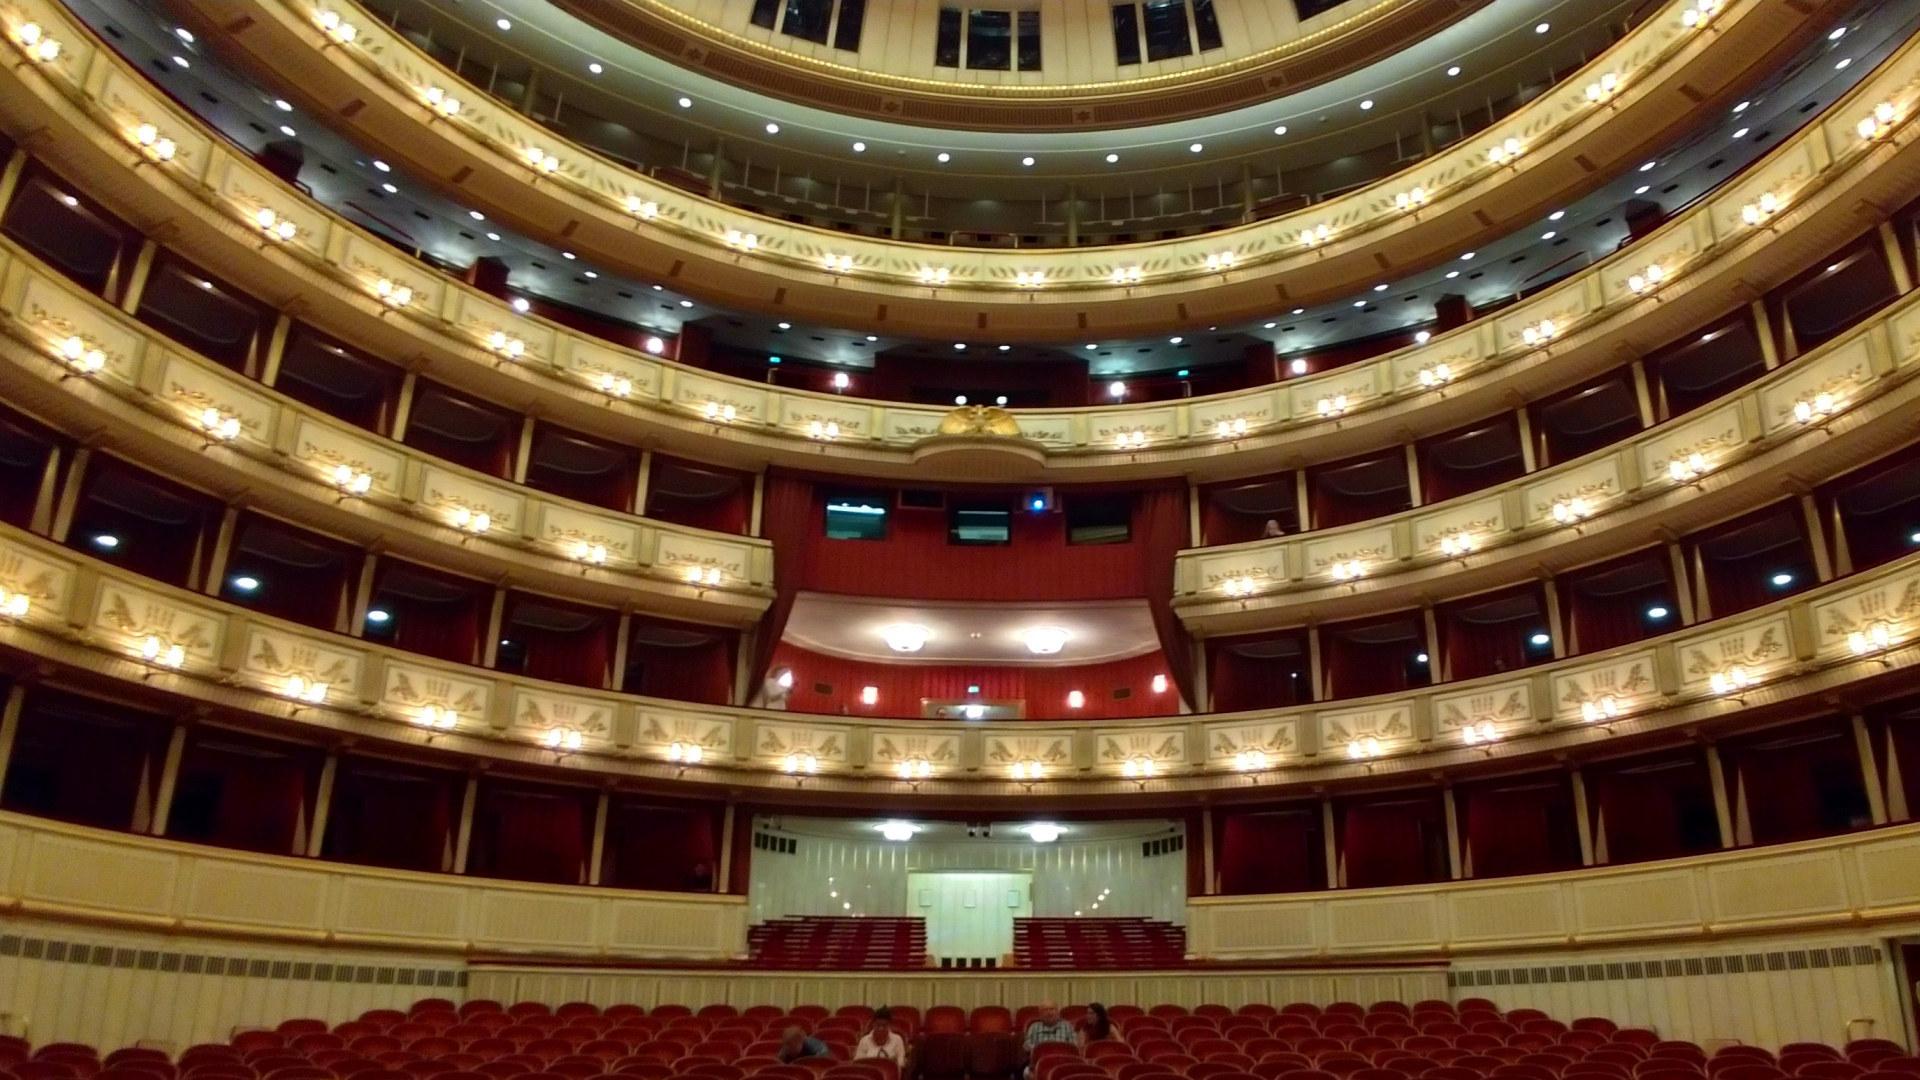 ウィーン国立歌劇場 wiener staatsoper